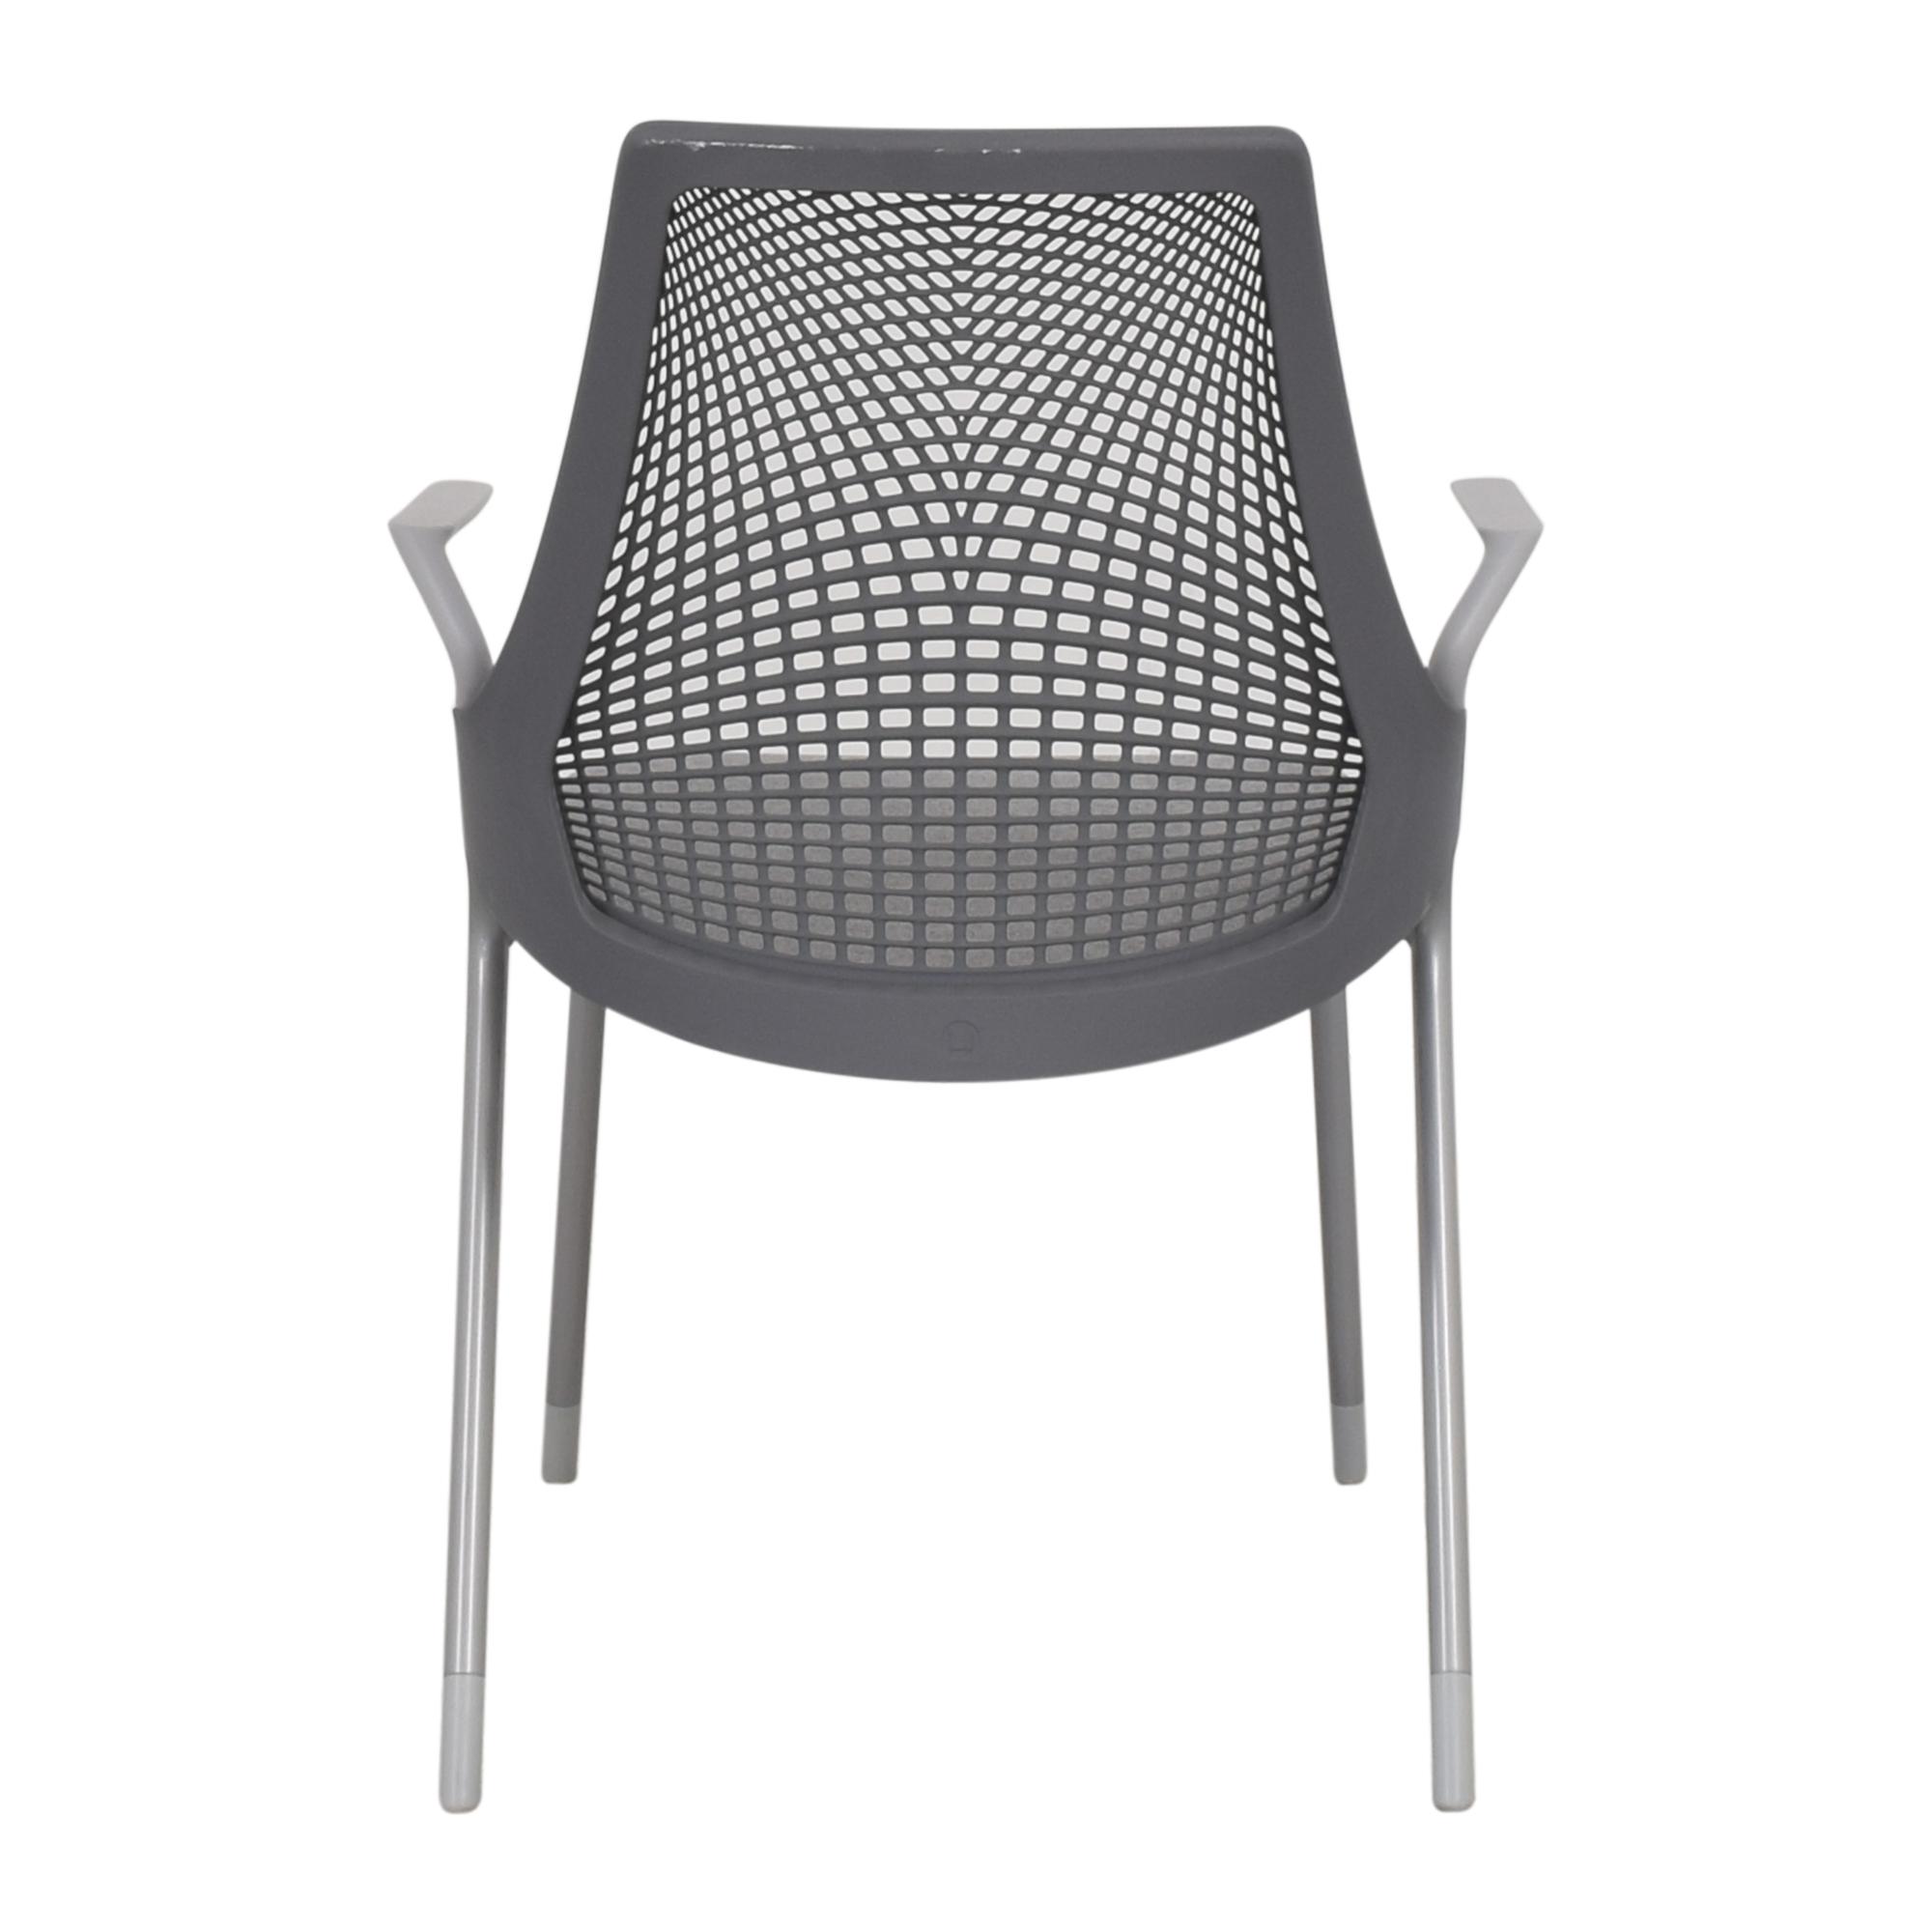 Herman Miller Herman Miller Sayl Side Chair Chairs